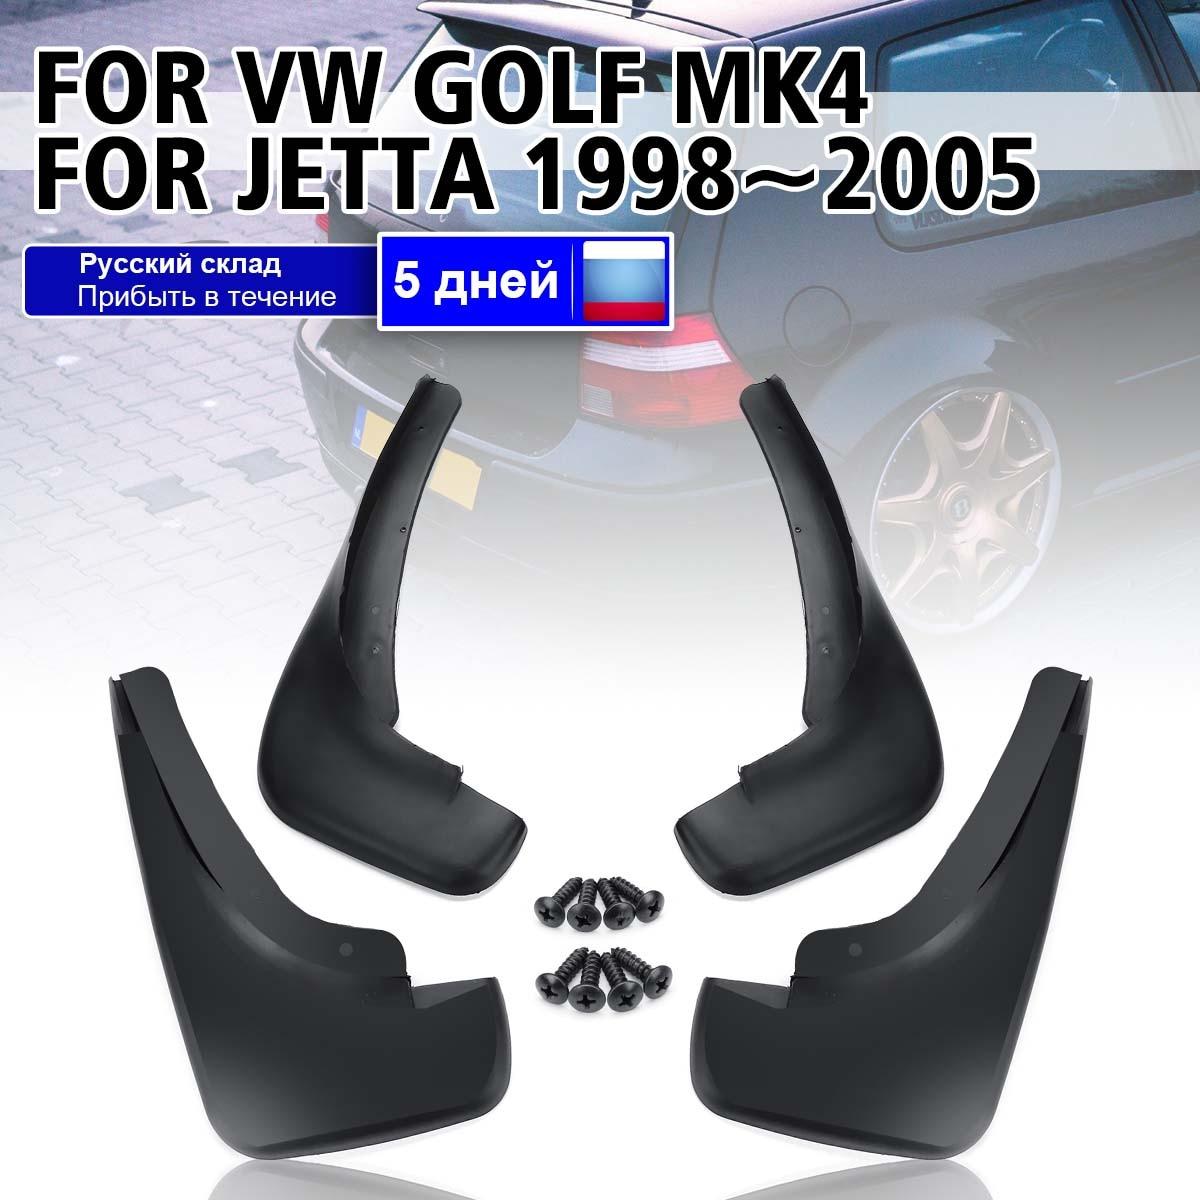 Garde-boue de voiture pour VW Golf 4 Mk4 IV Bora Jetta 1998-2005 garde-boue garde-boue garde-boue avant arrière garde-boue